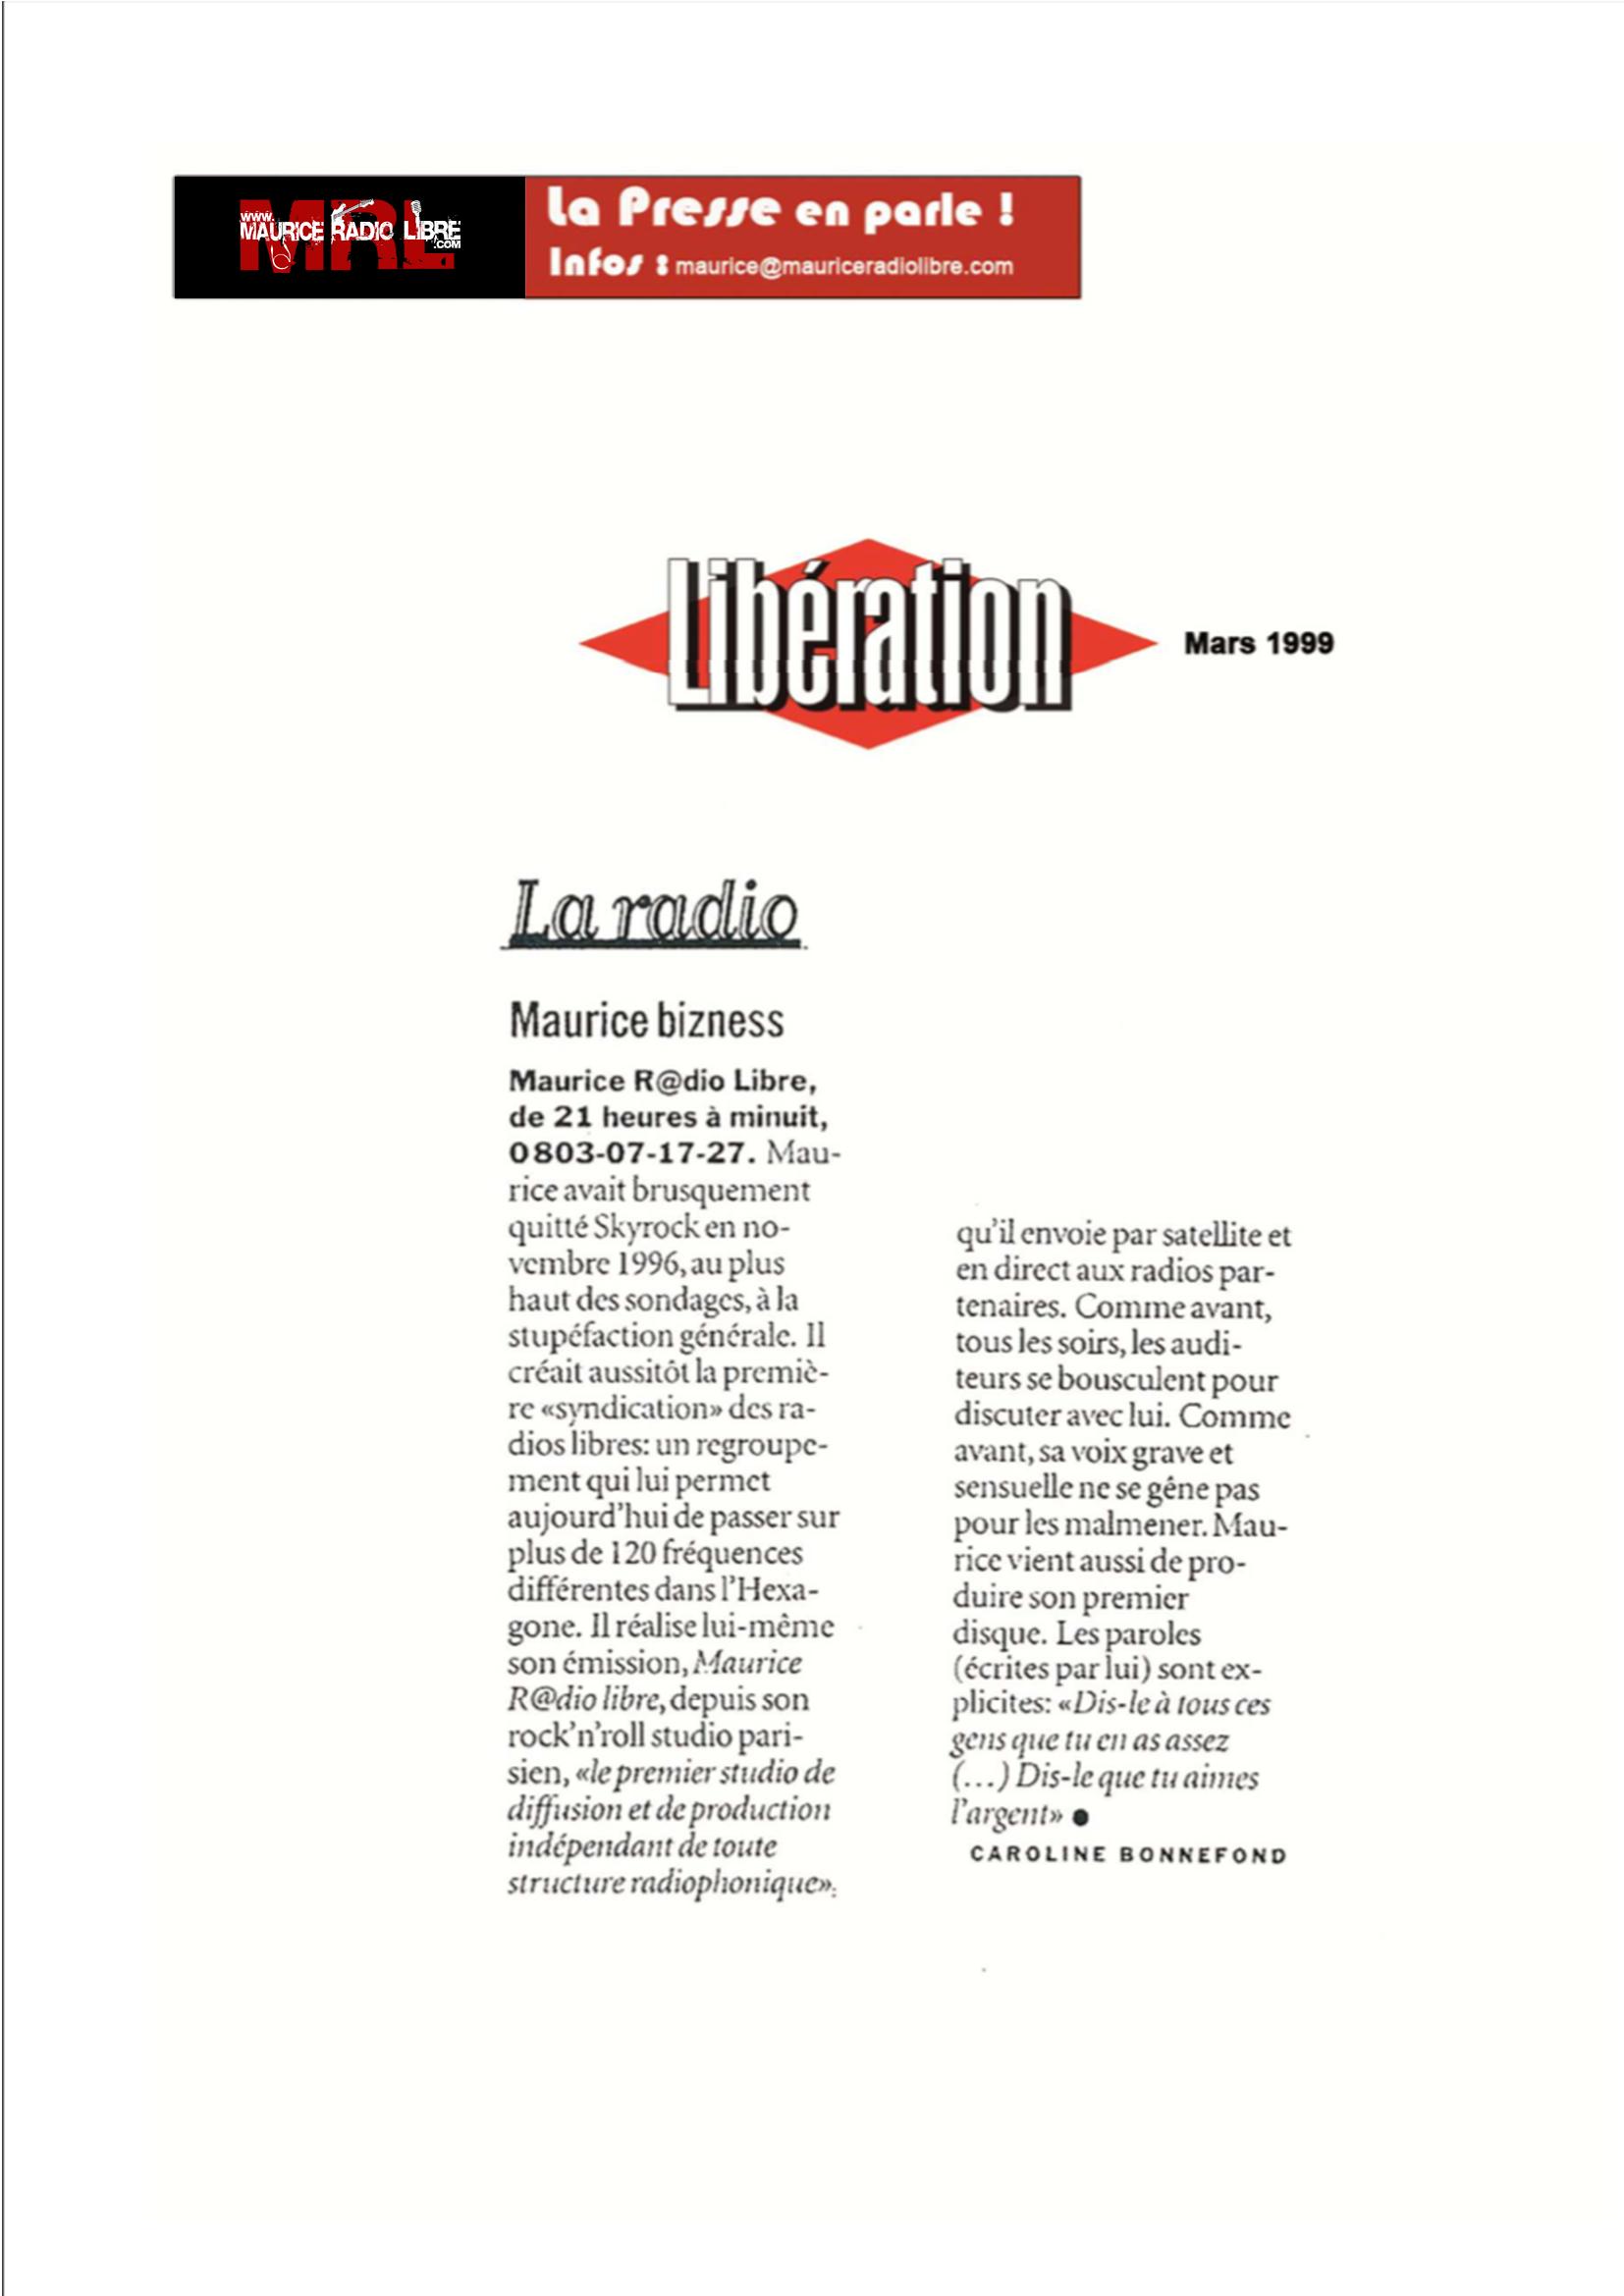 vignette Libération - La radio - Mars 1999